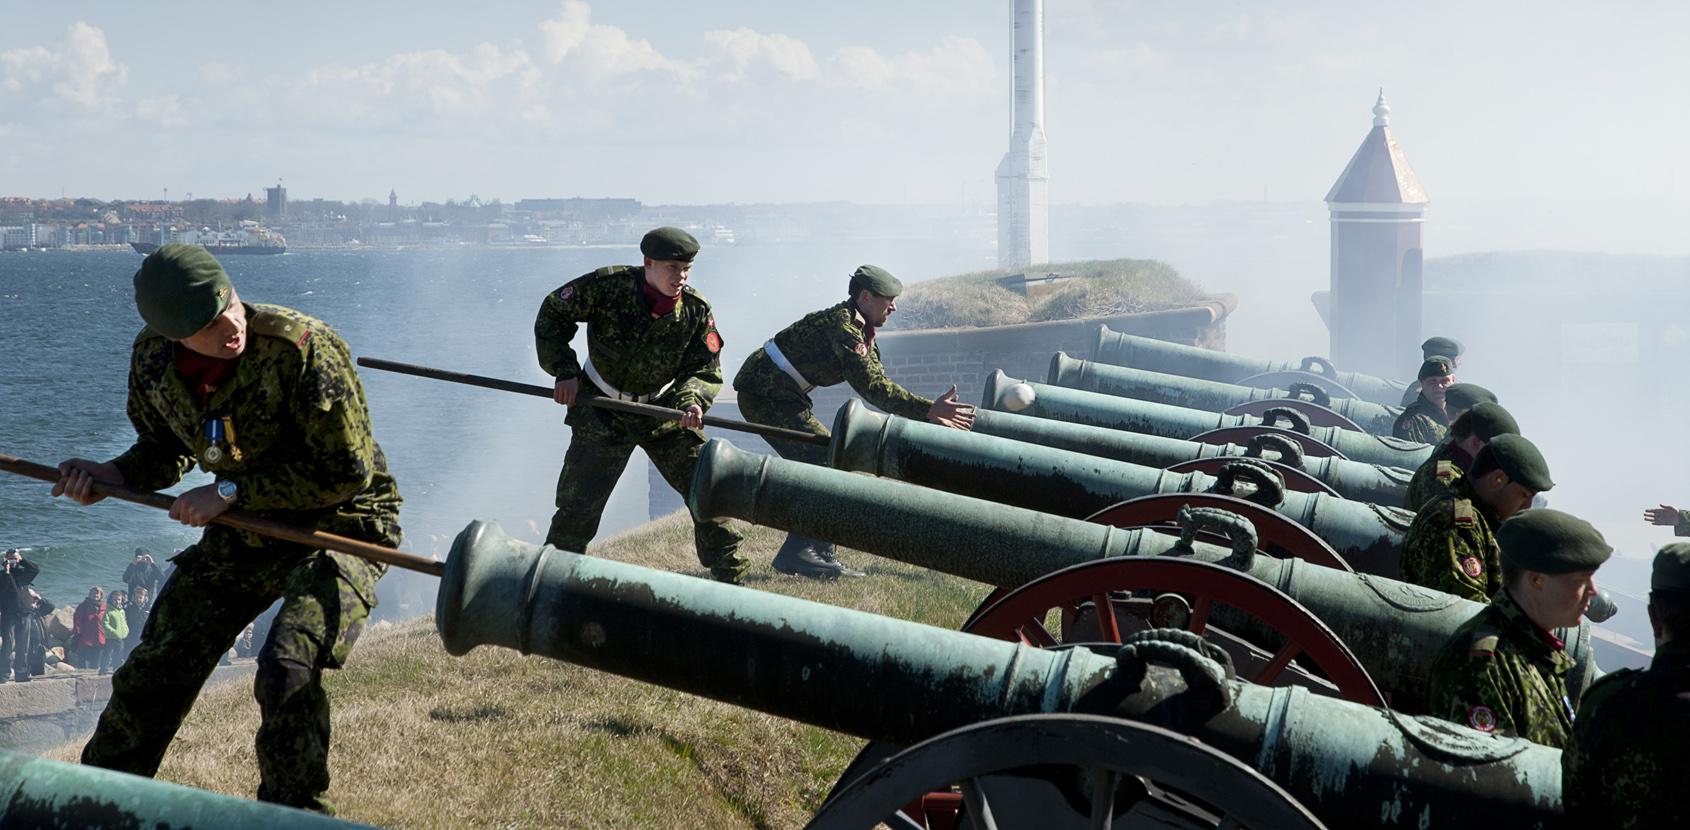 Kanonerne affyres på Kronborg. Foto: Thomas Rahbek SLKS